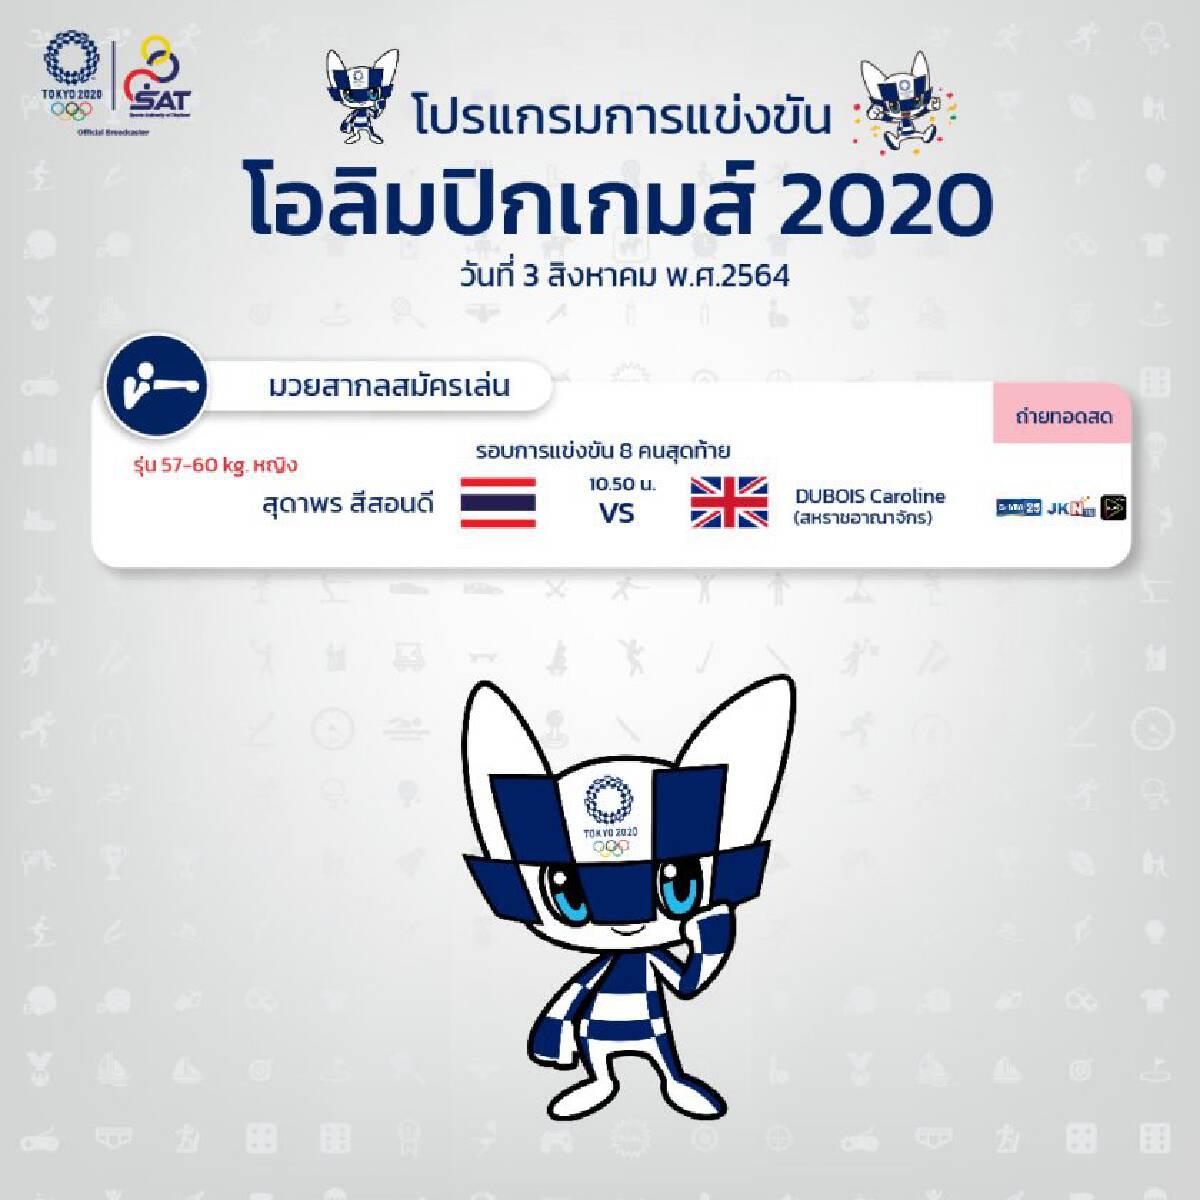 """โปรแกรมถ่ายทอดสด """"โอลิมปิก 2020"""" 3 ส.ค. 64 ส่งกำลังใจเชียร์นักกีฬาไทย"""